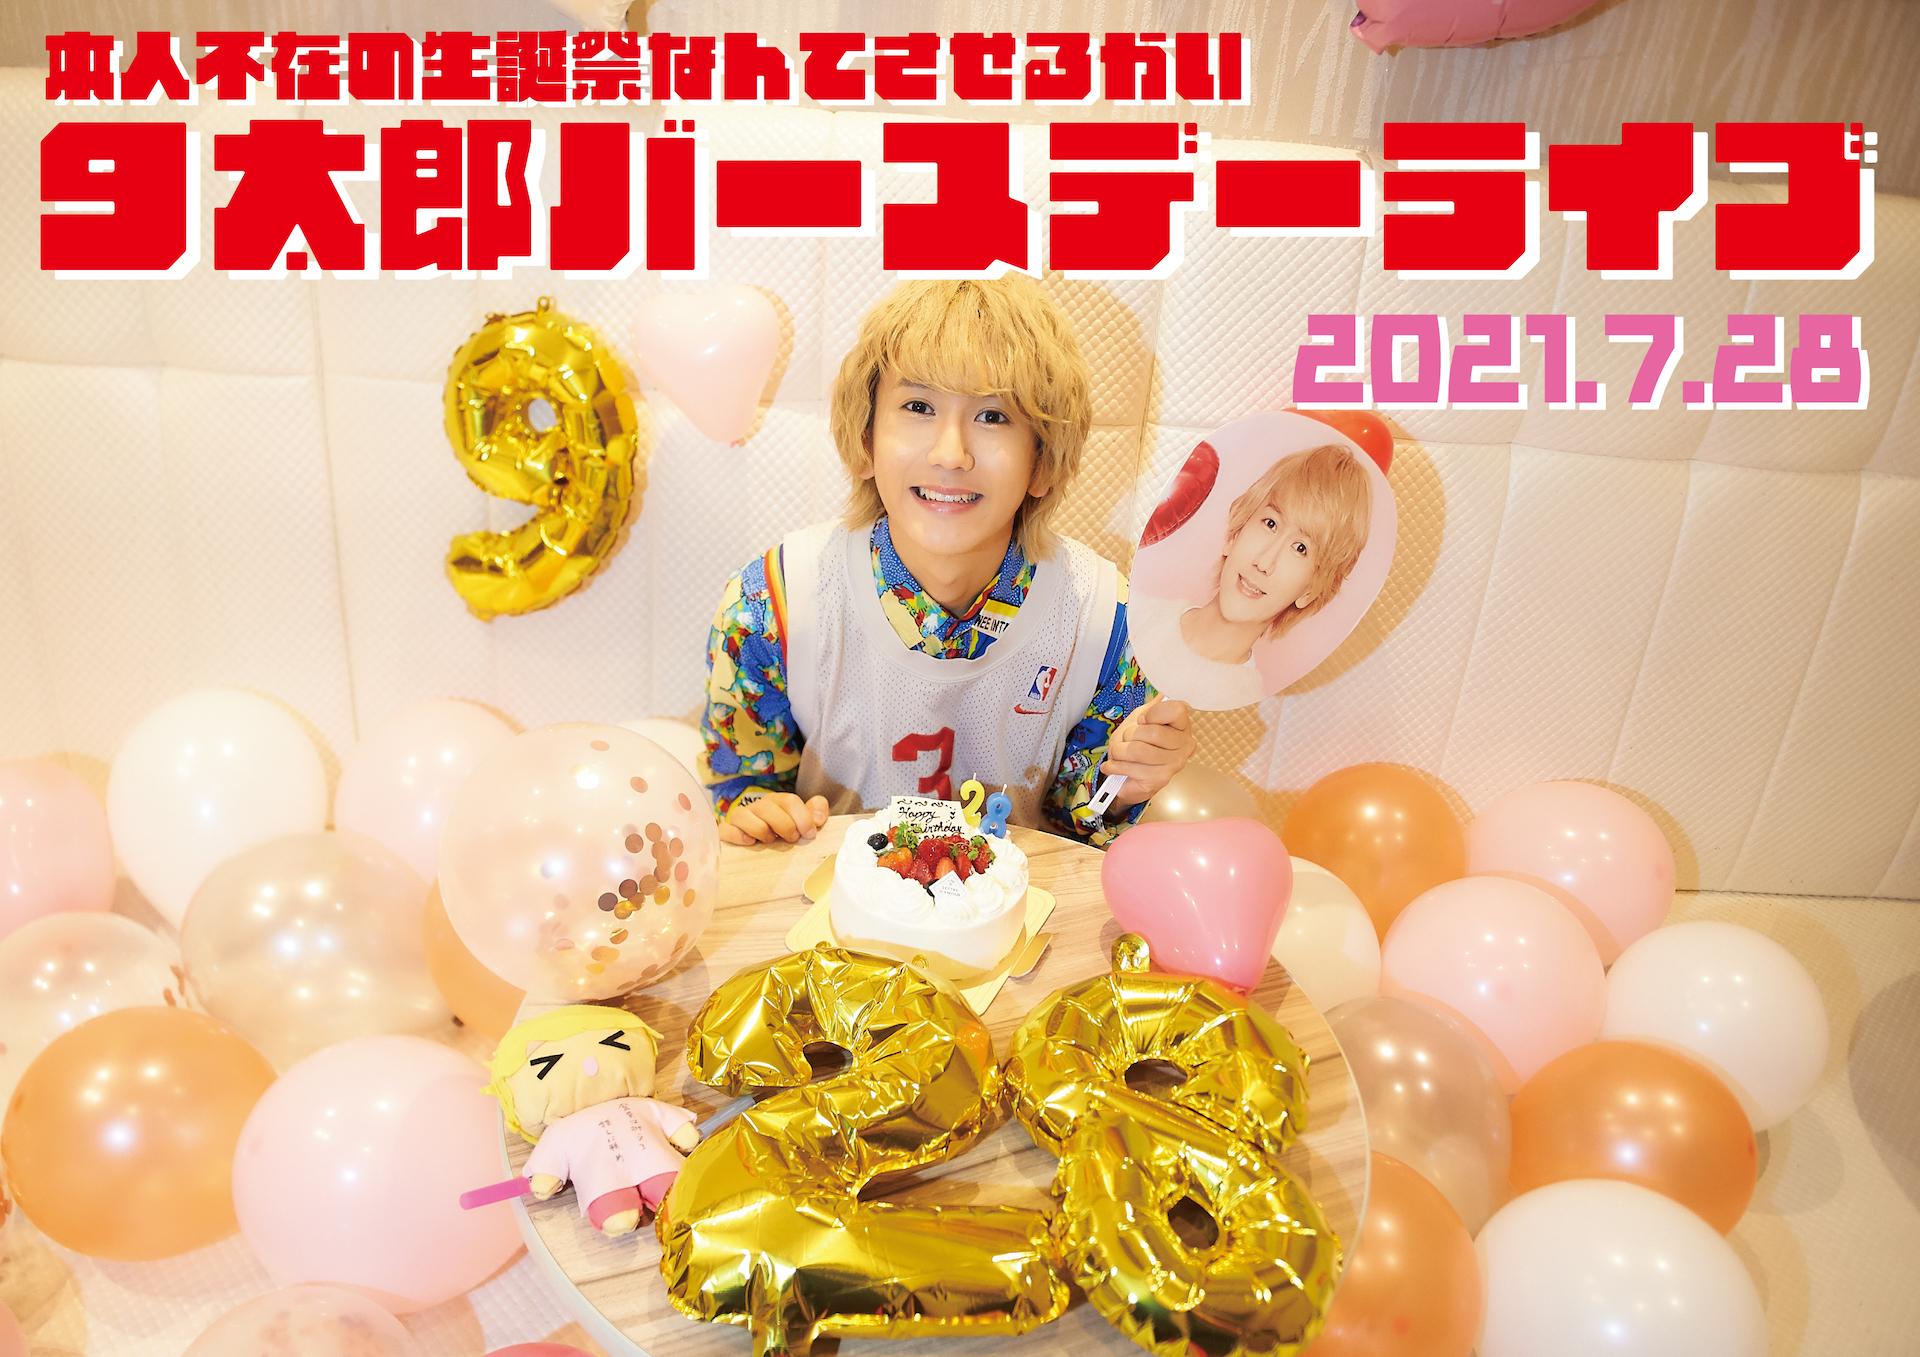 【NEWS】7/28(水) 9太郎生誕「本人不在の生誕祭なんてさせるかい!9太郎バースデーライブ」開催決定!